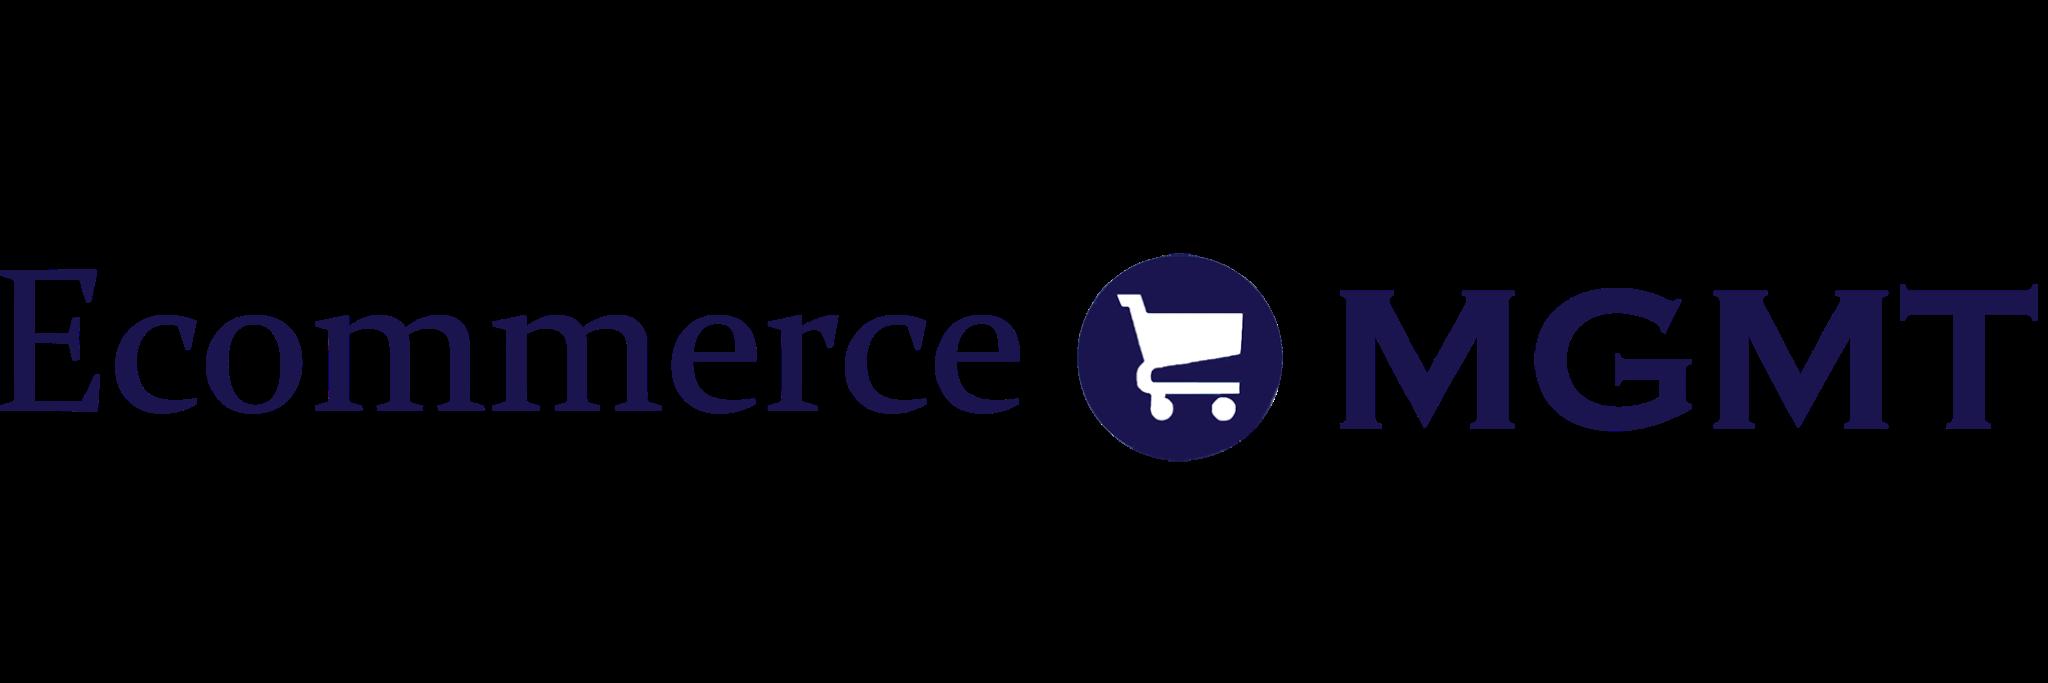 Ecommerce MGMT Cooperative | Ecommerce EDU